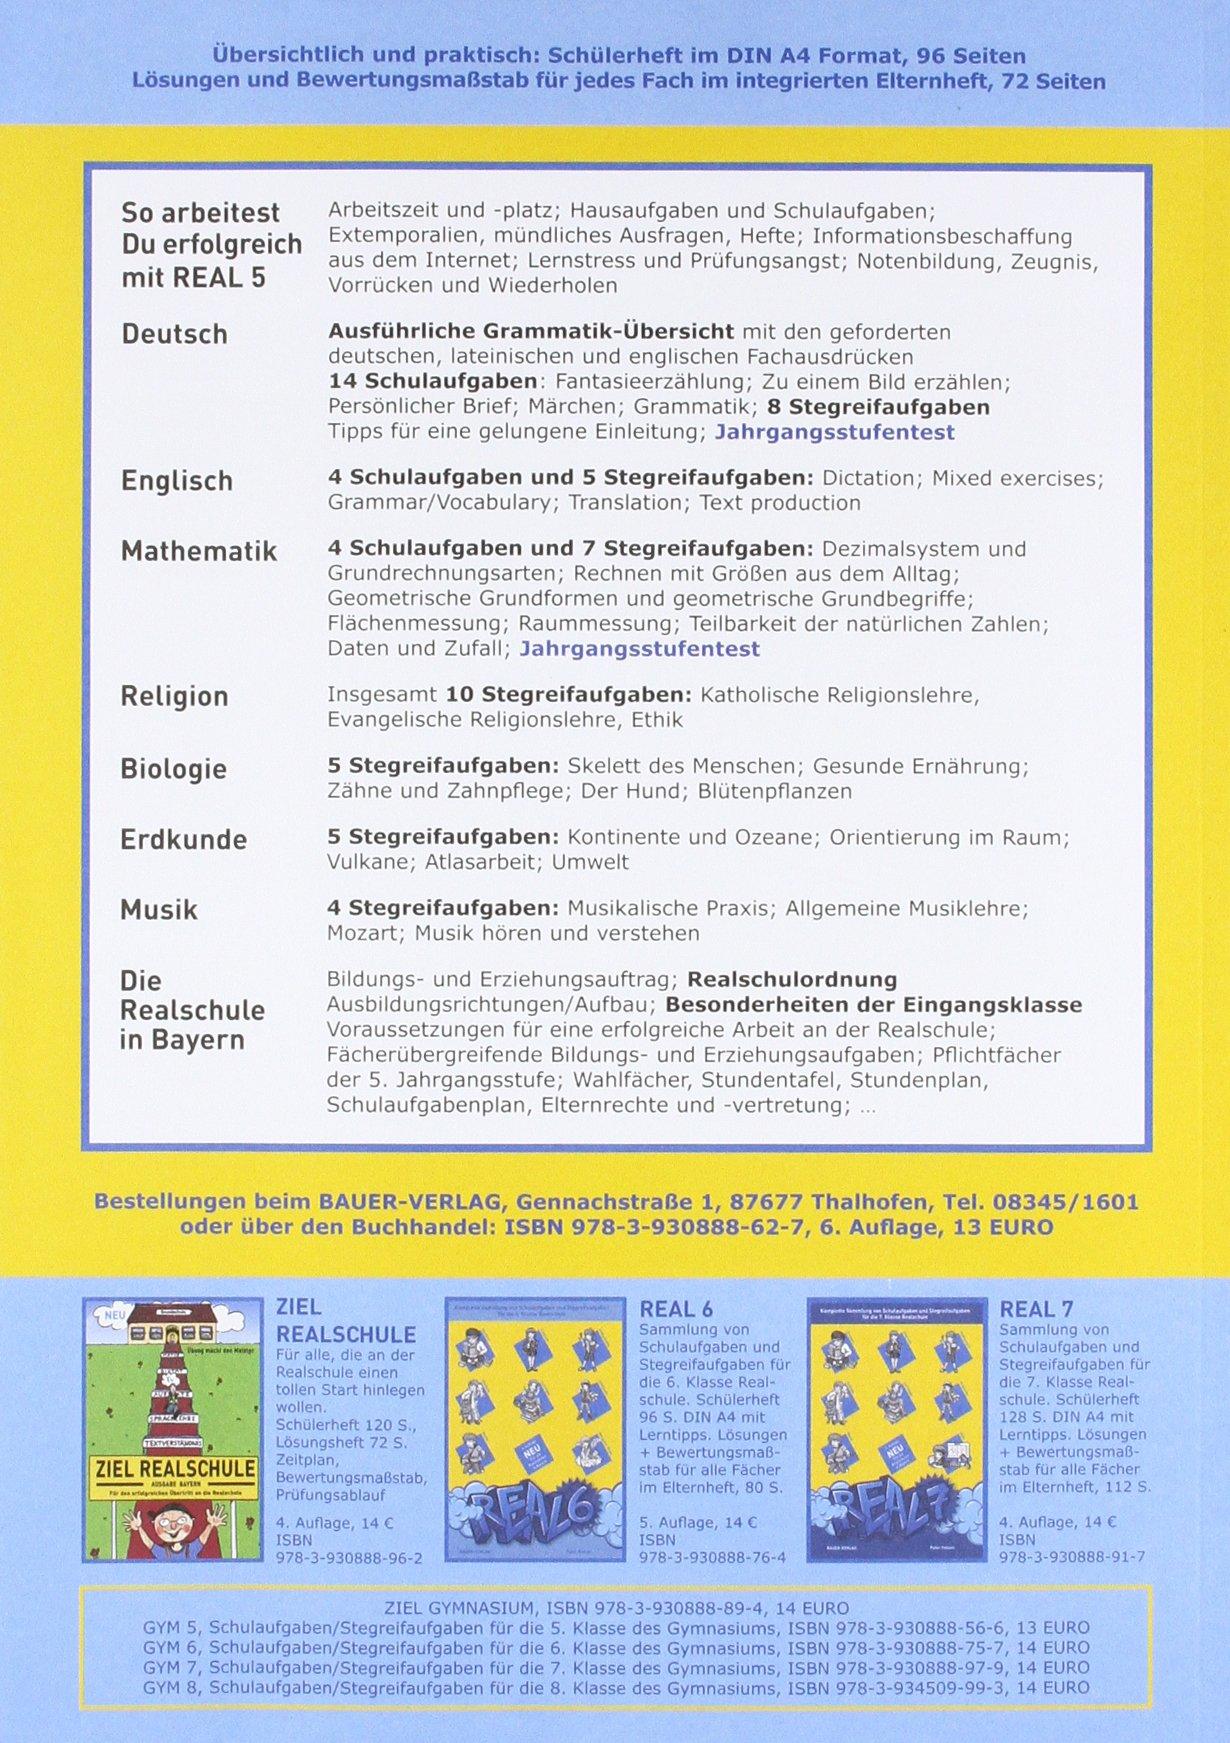 Real 5 Komplette Sammlung Von Schulaufgaben Und Stegreifaufgaben